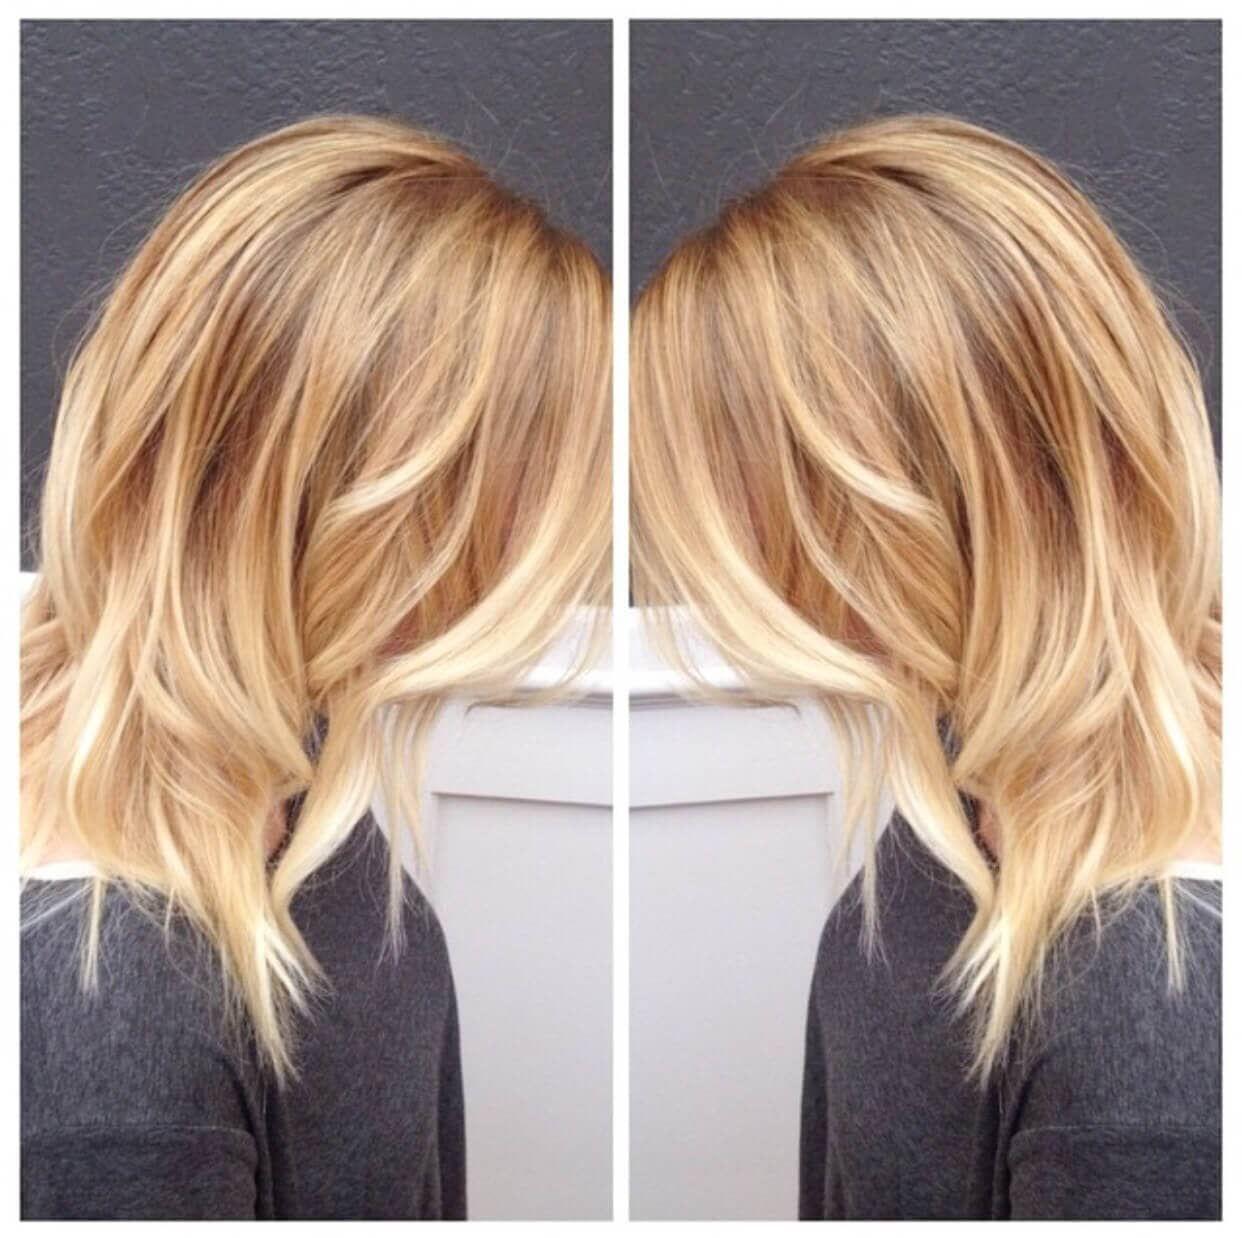 Photo of 25 Honig Blonde Haircolor Ideen, die einfach wunderschön sind – Neue Damen Frisuren